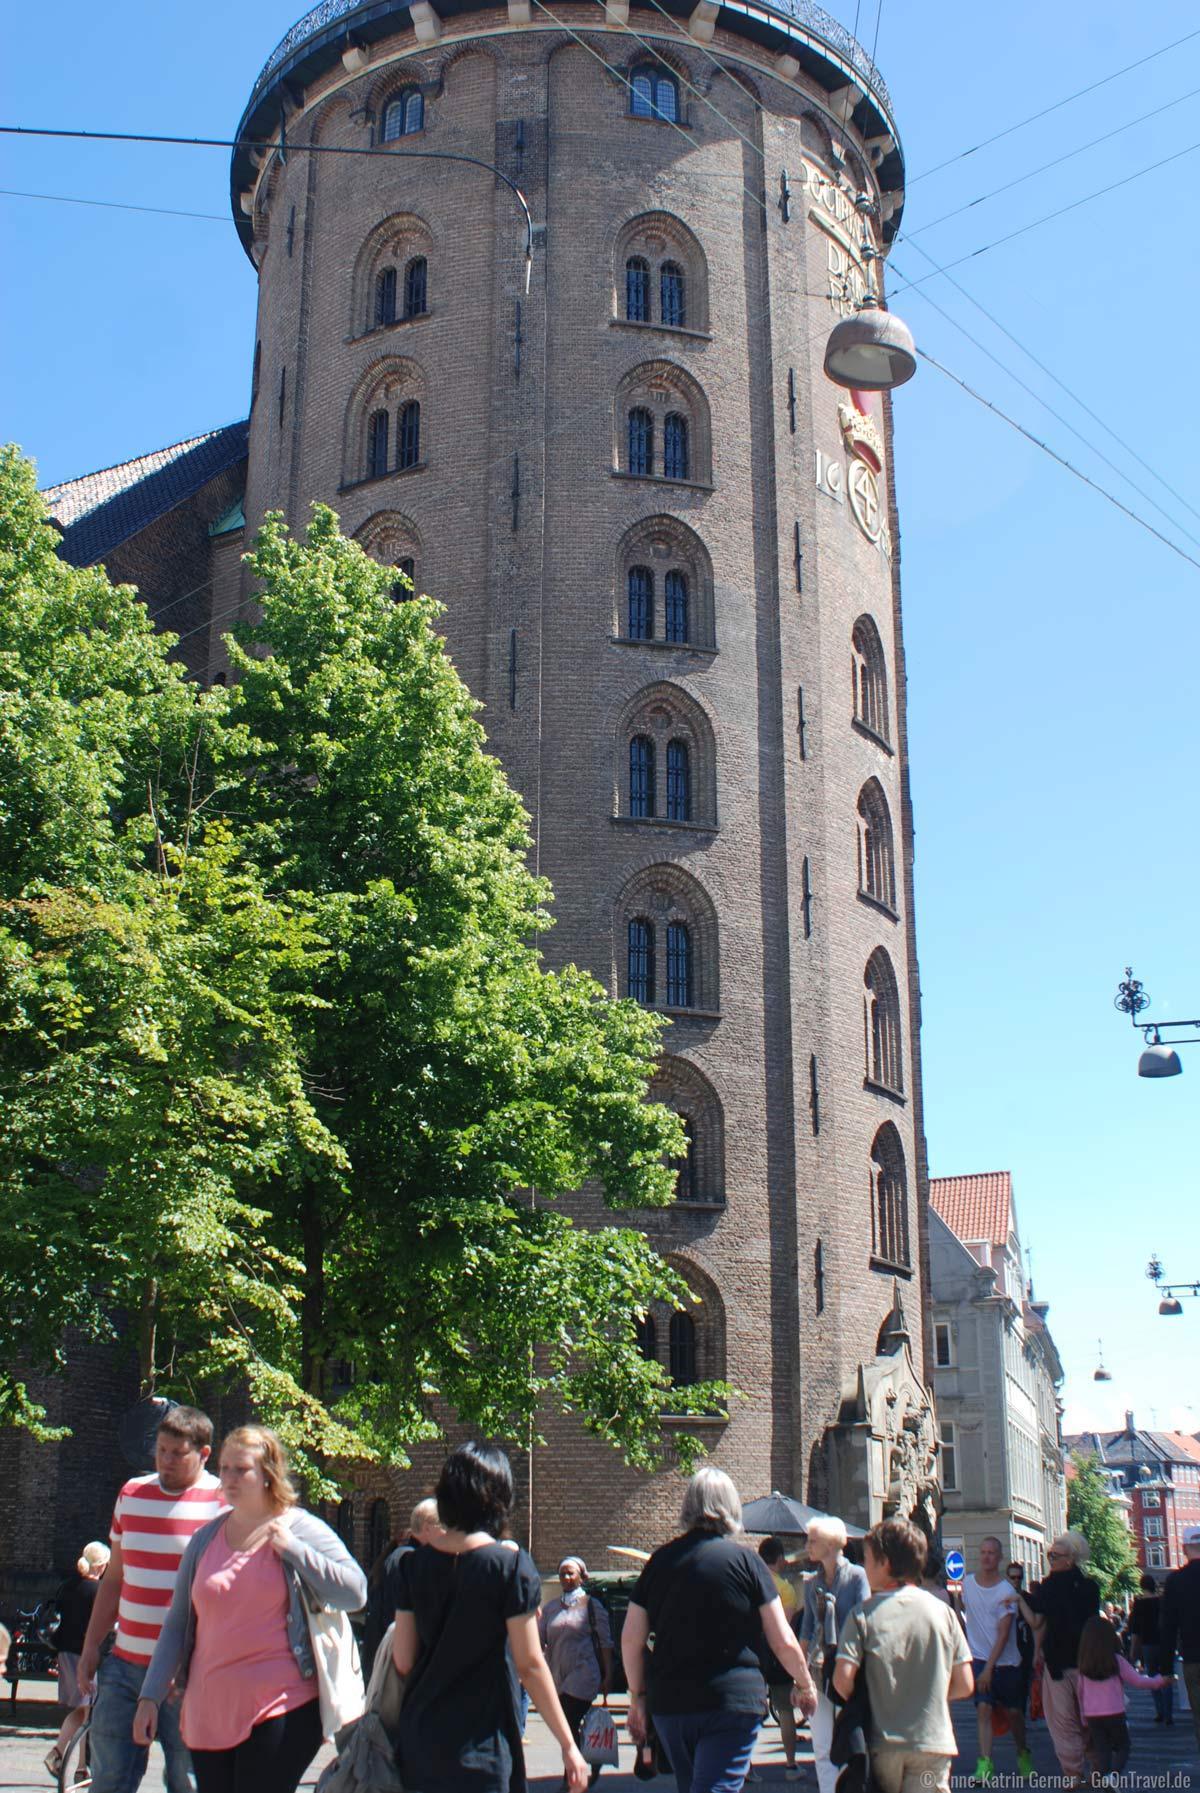 Eine von vielen Kopenhagen Sehenswürdigkeiten: der Runde Turm - Rundetaarn